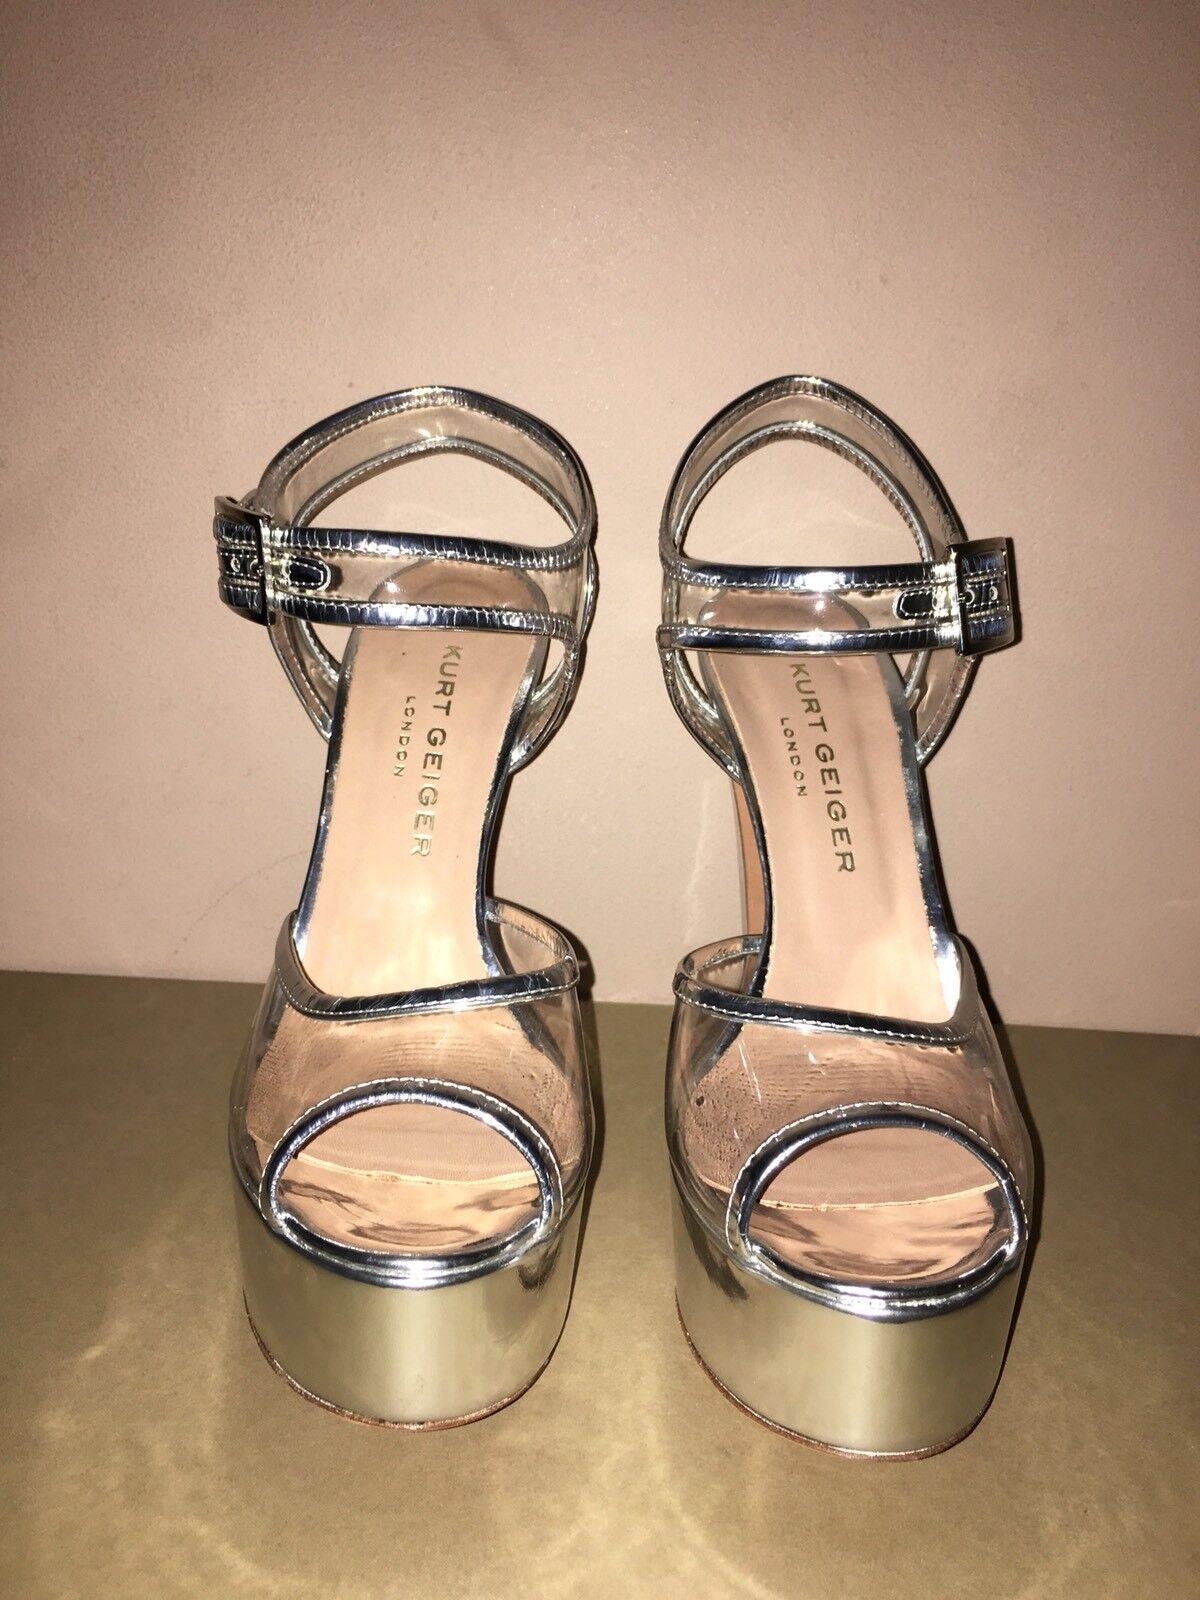 Kurt Geiger Donna Brevetto ARGENTO/TRASPARENTE scarpe NUOVO CON SCATOLA taglia 40/7